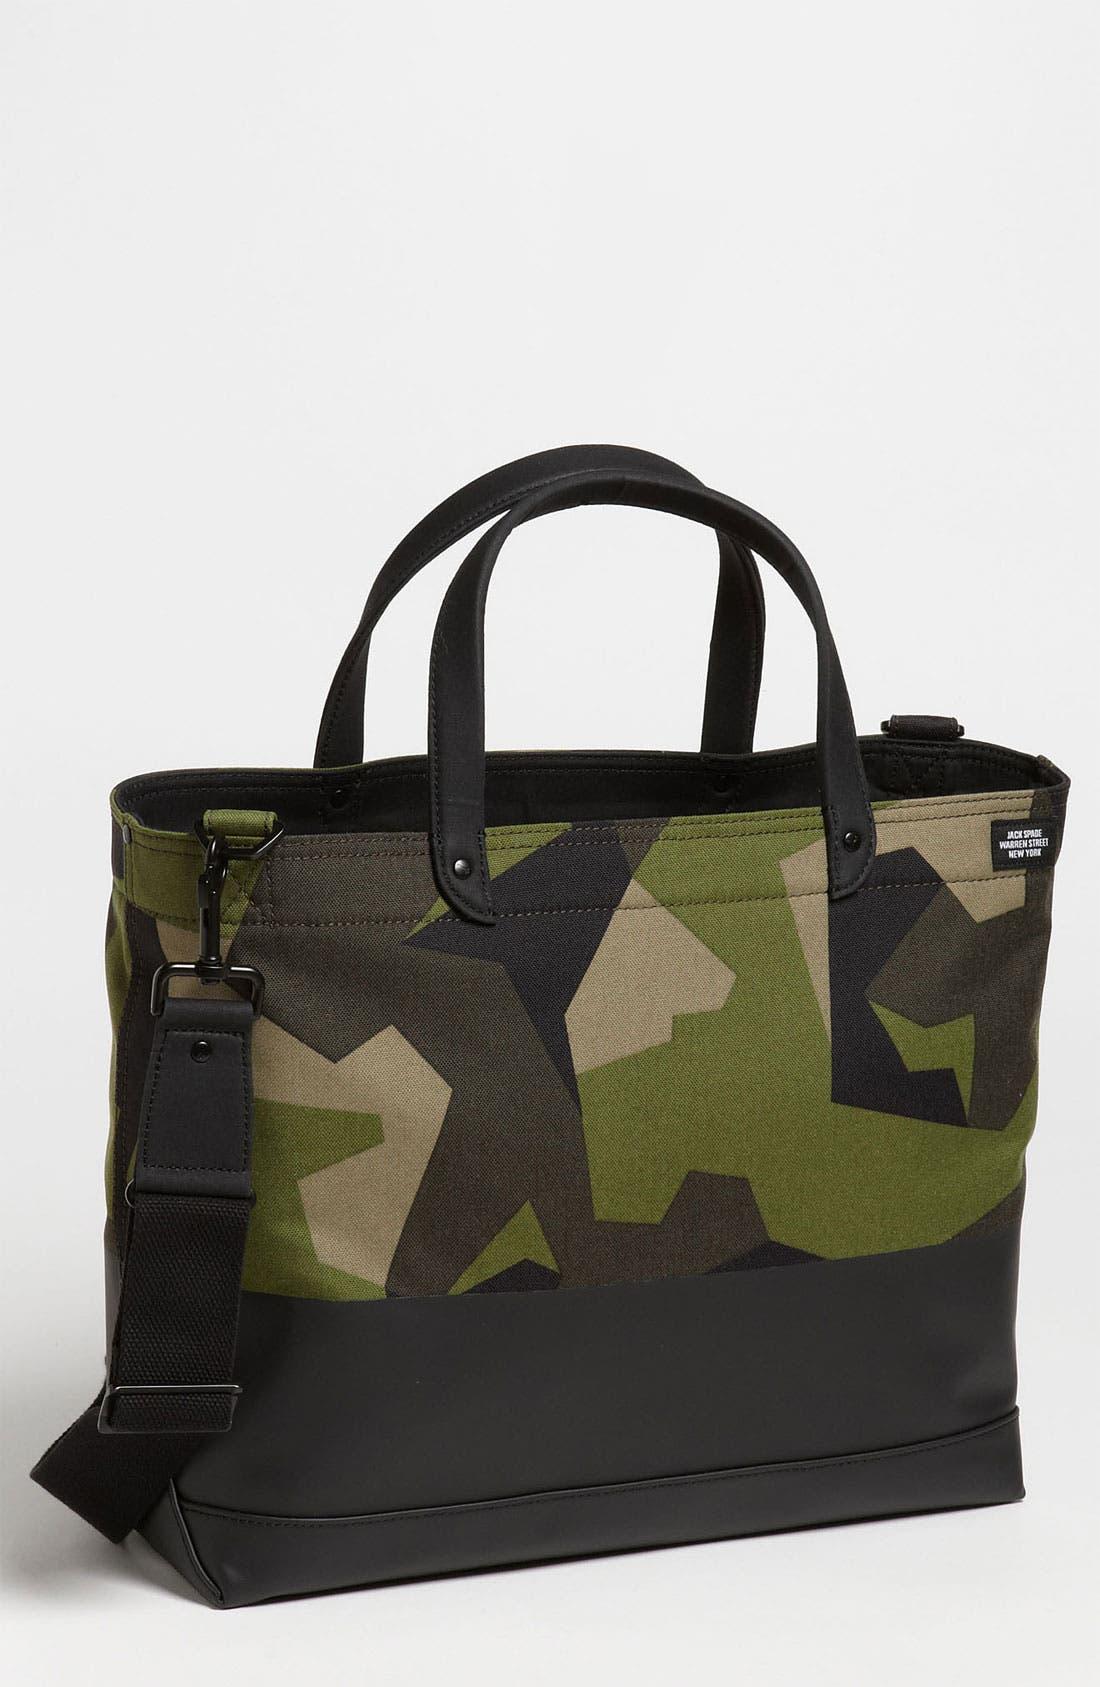 Alternate Image 1 Selected - Jack Spade 'Coal' Camo Tote Bag